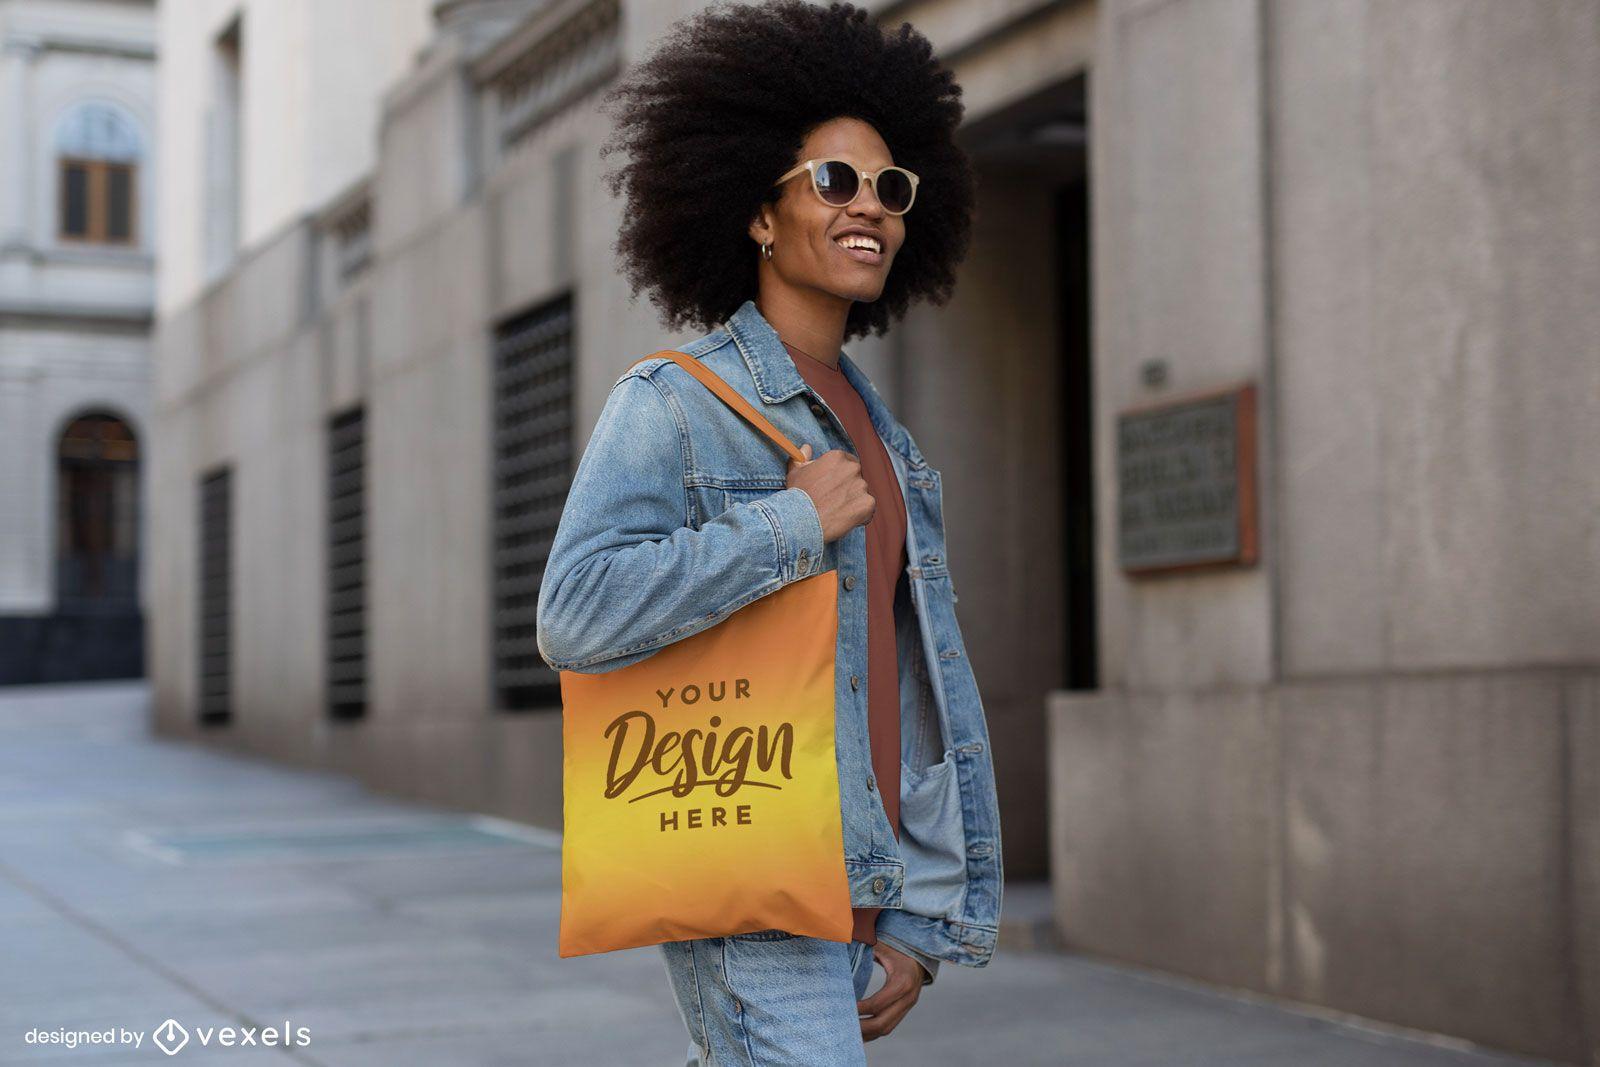 Homem com jaqueta jeans maquete de sacola de rua